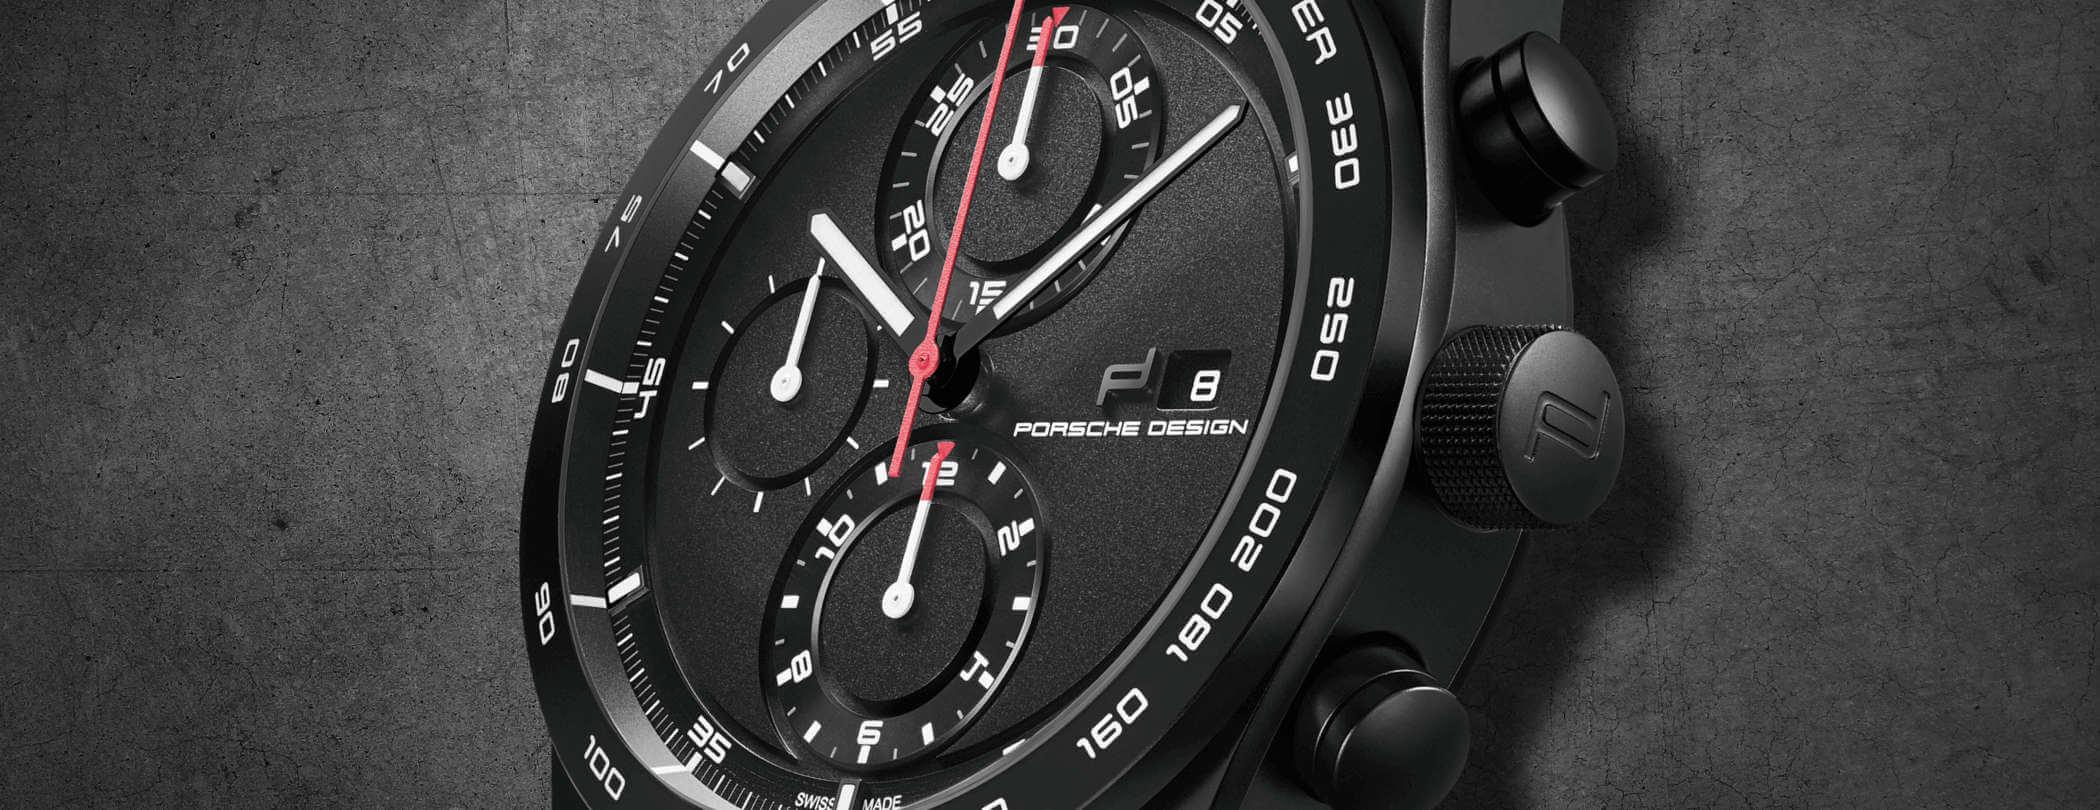 Porsche Design Chronotimer Series 1 Matte Black Detailansicht Zifferblatt